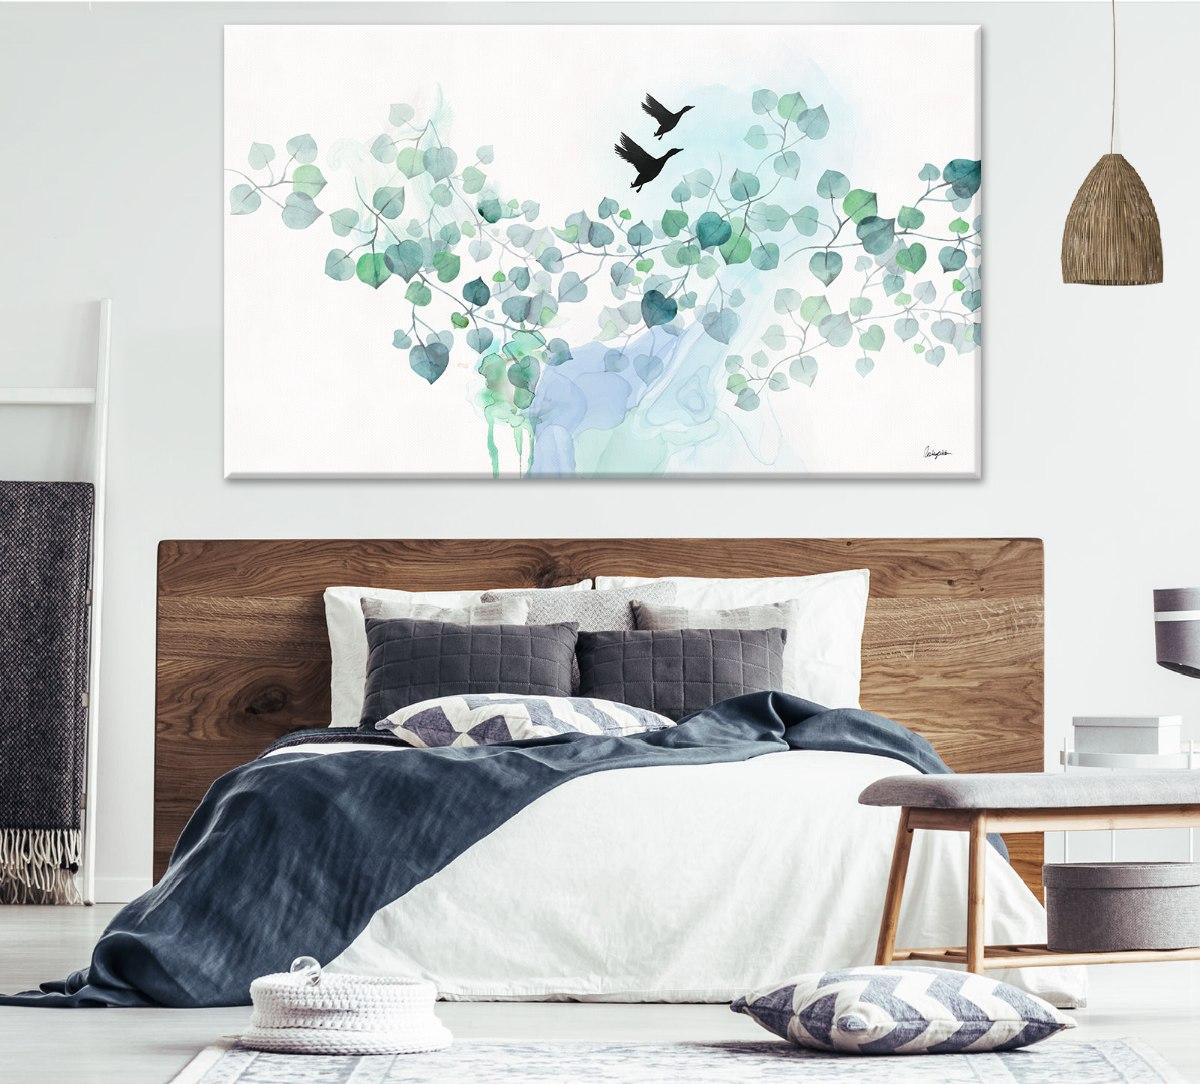 תמונה טורקיז מעל מיטה זוגית לחדר שינה